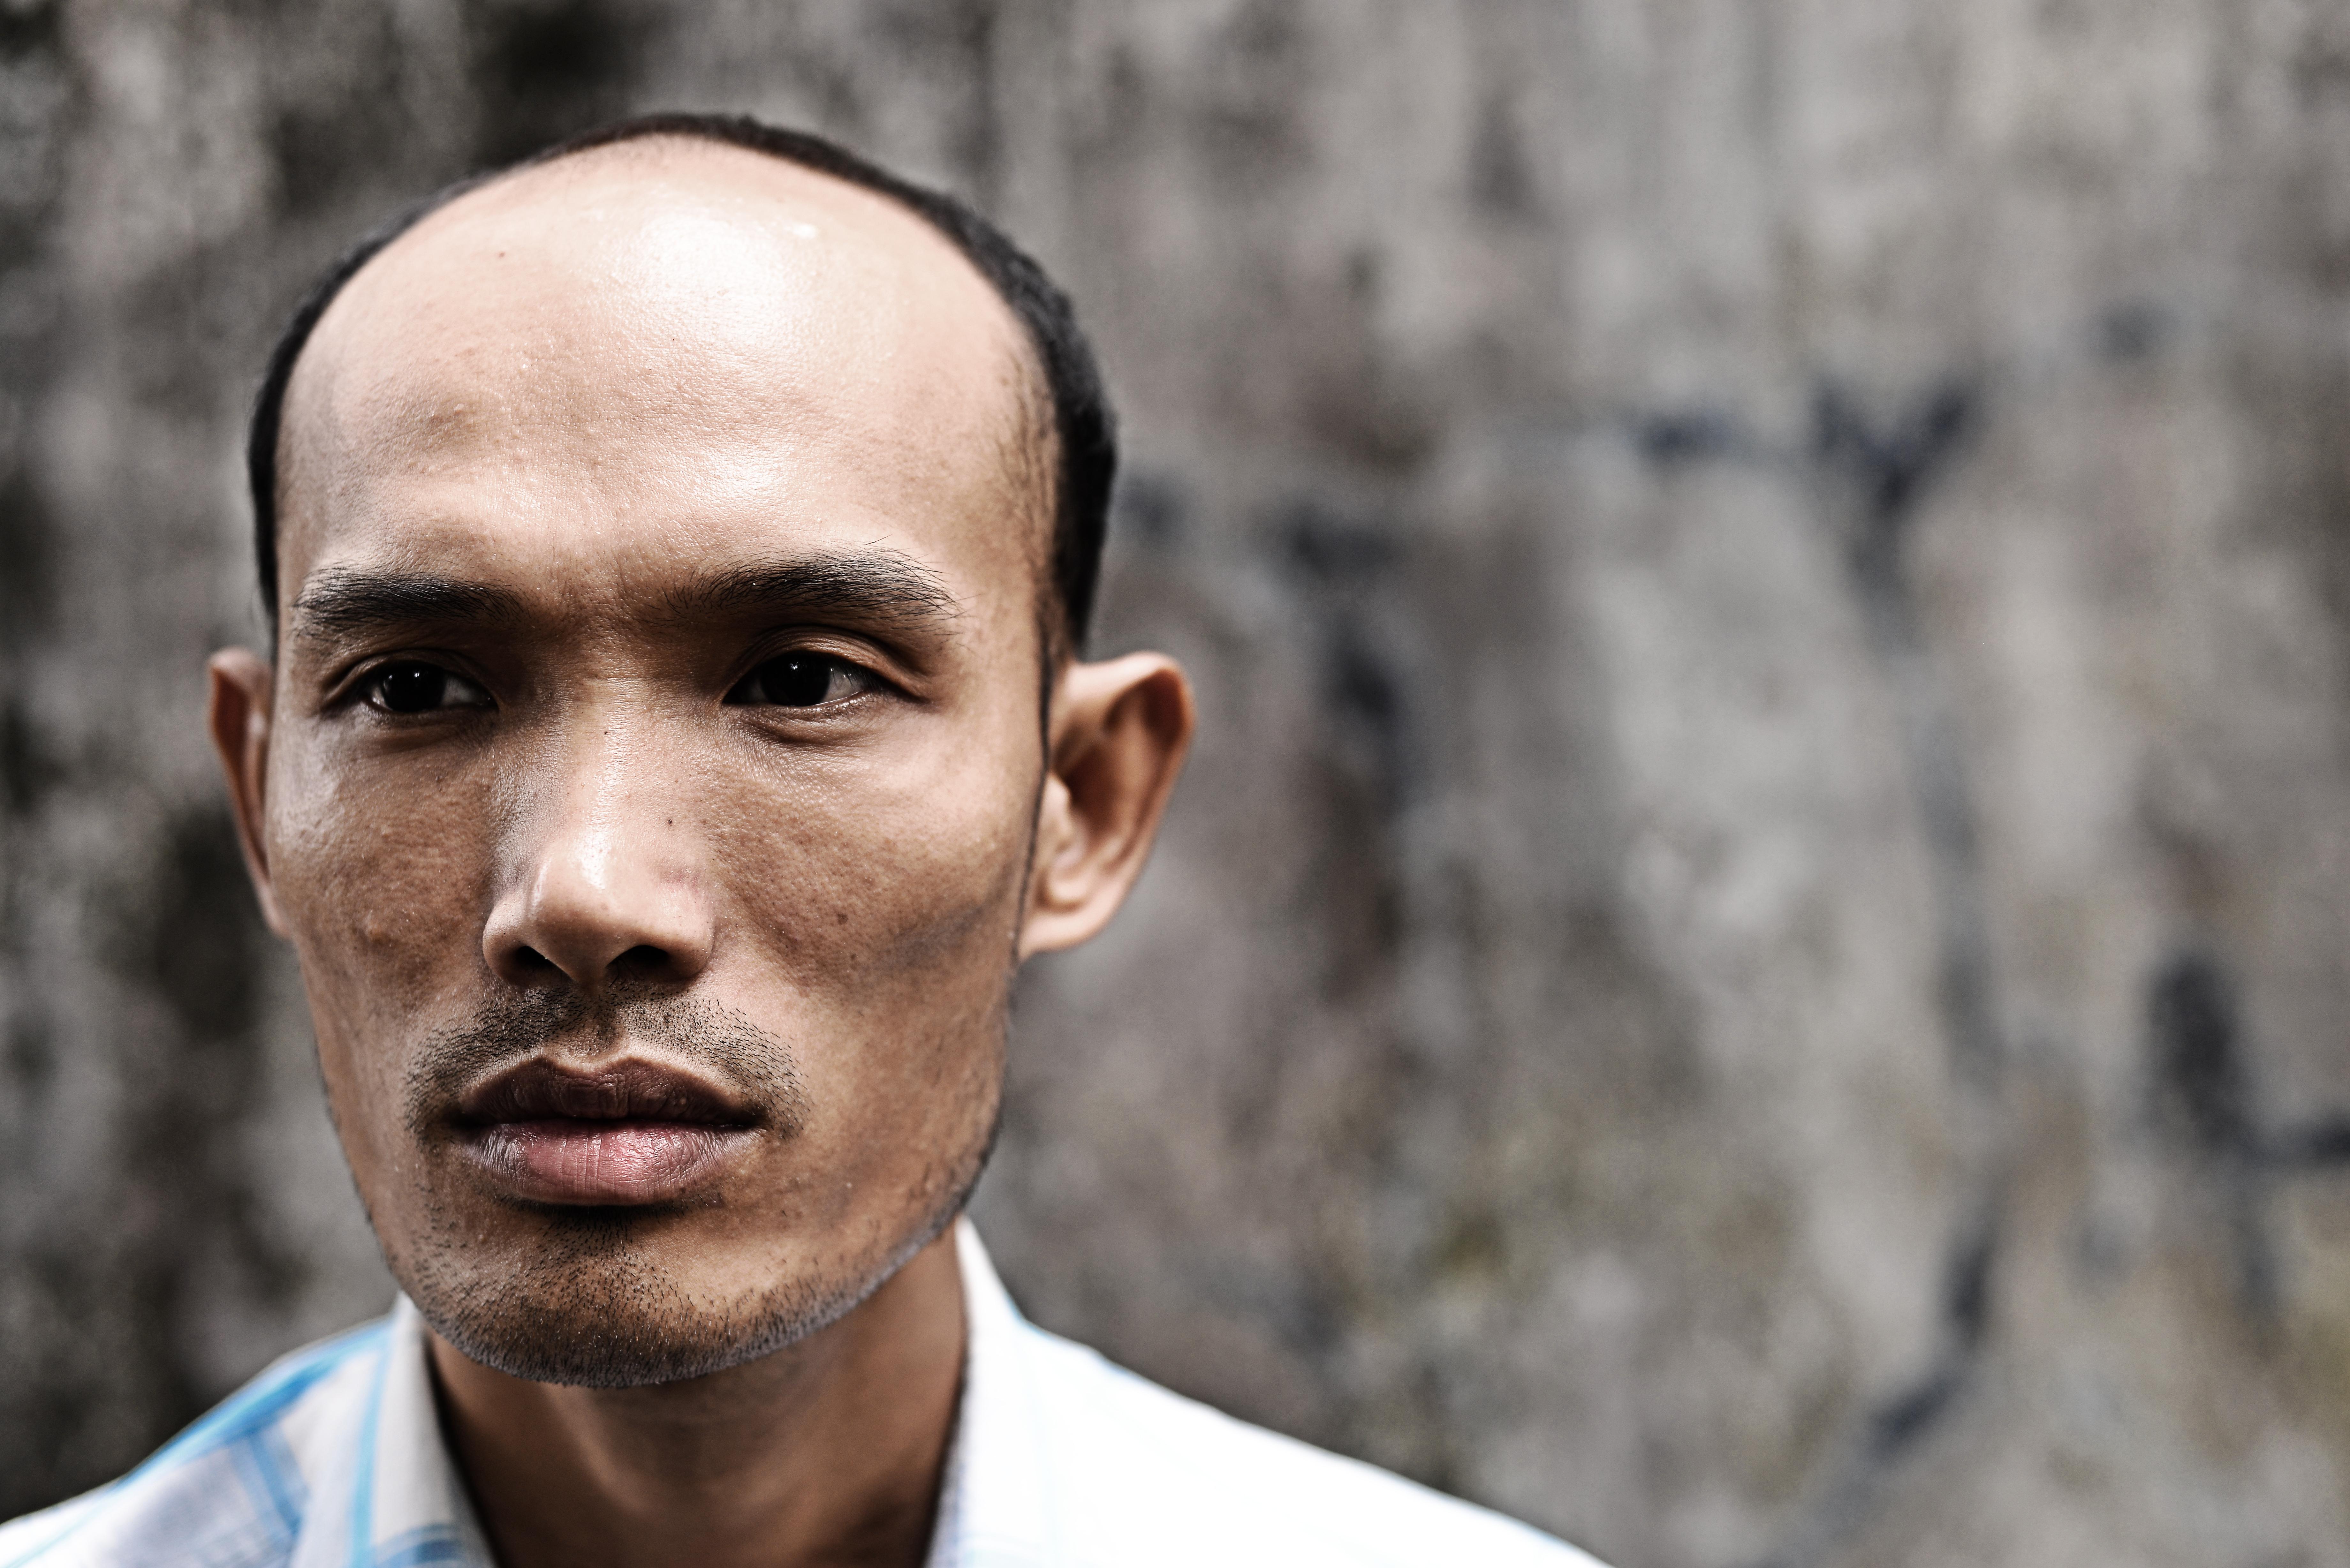 Sai Minn Thein